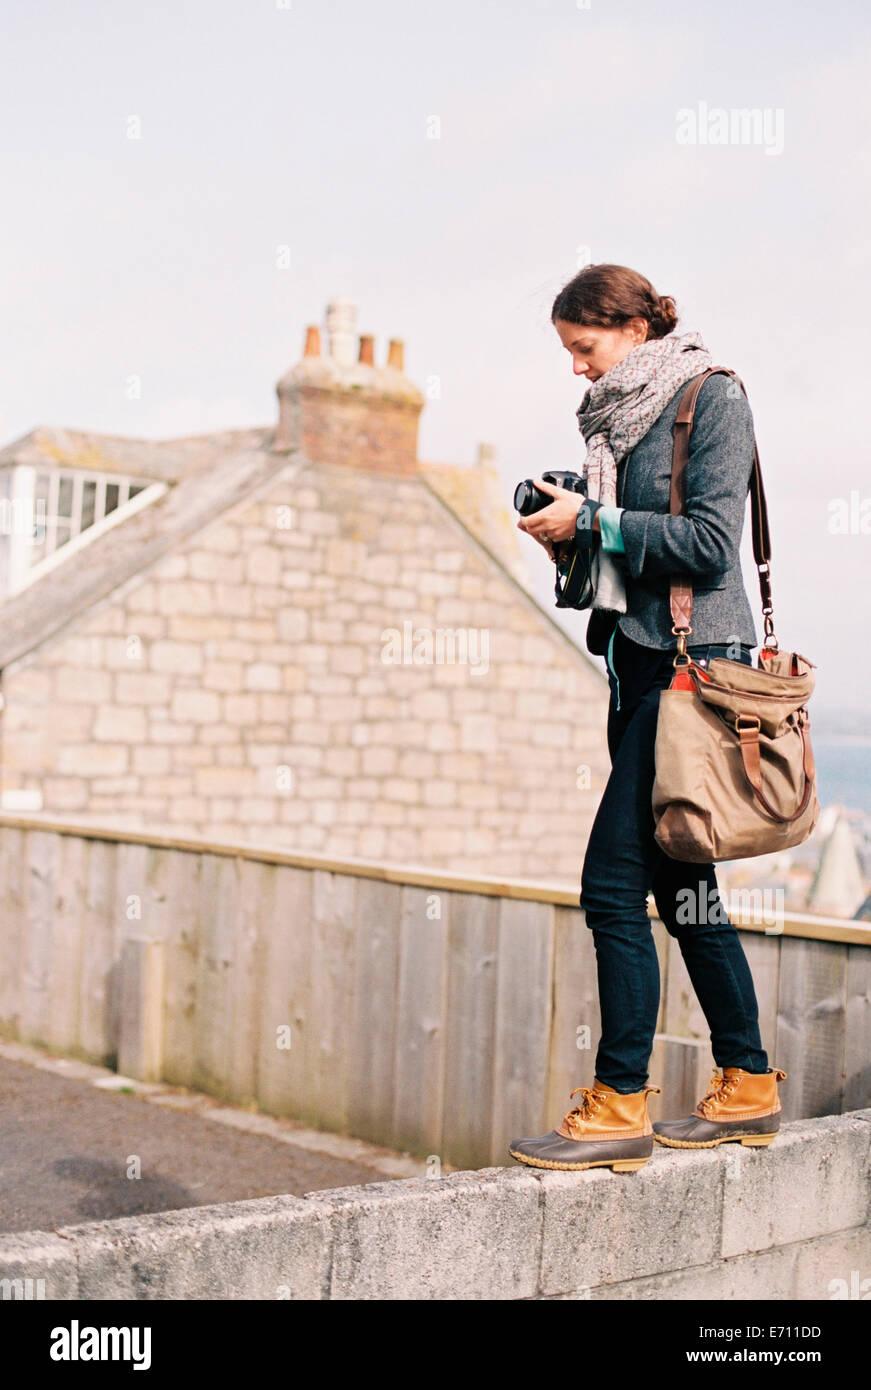 Una mujer con una bolsa grande, sosteniendo una cámara, de pie en la parte superior de una pared. Imagen De Stock